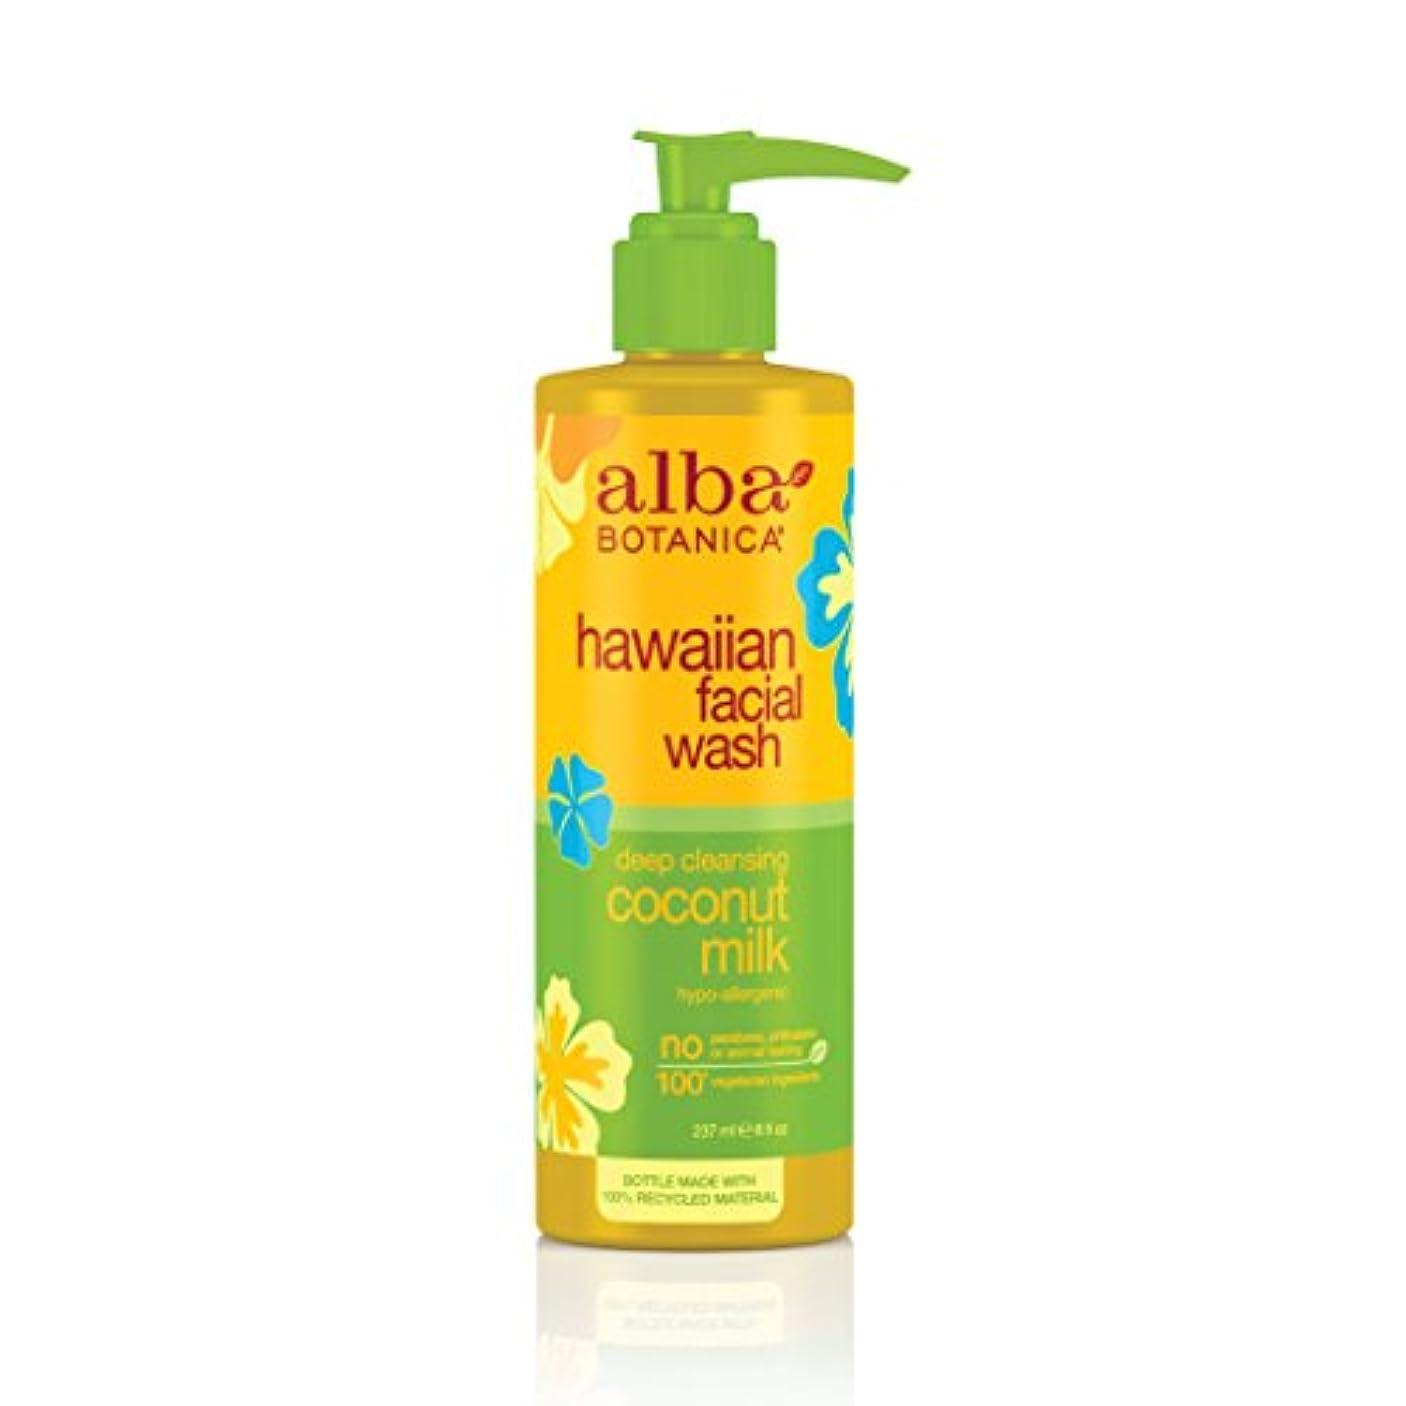 テセウス工夫する雇用者Alba Botanica Coconut Milk Facial Wash 235 ml (並行輸入品)